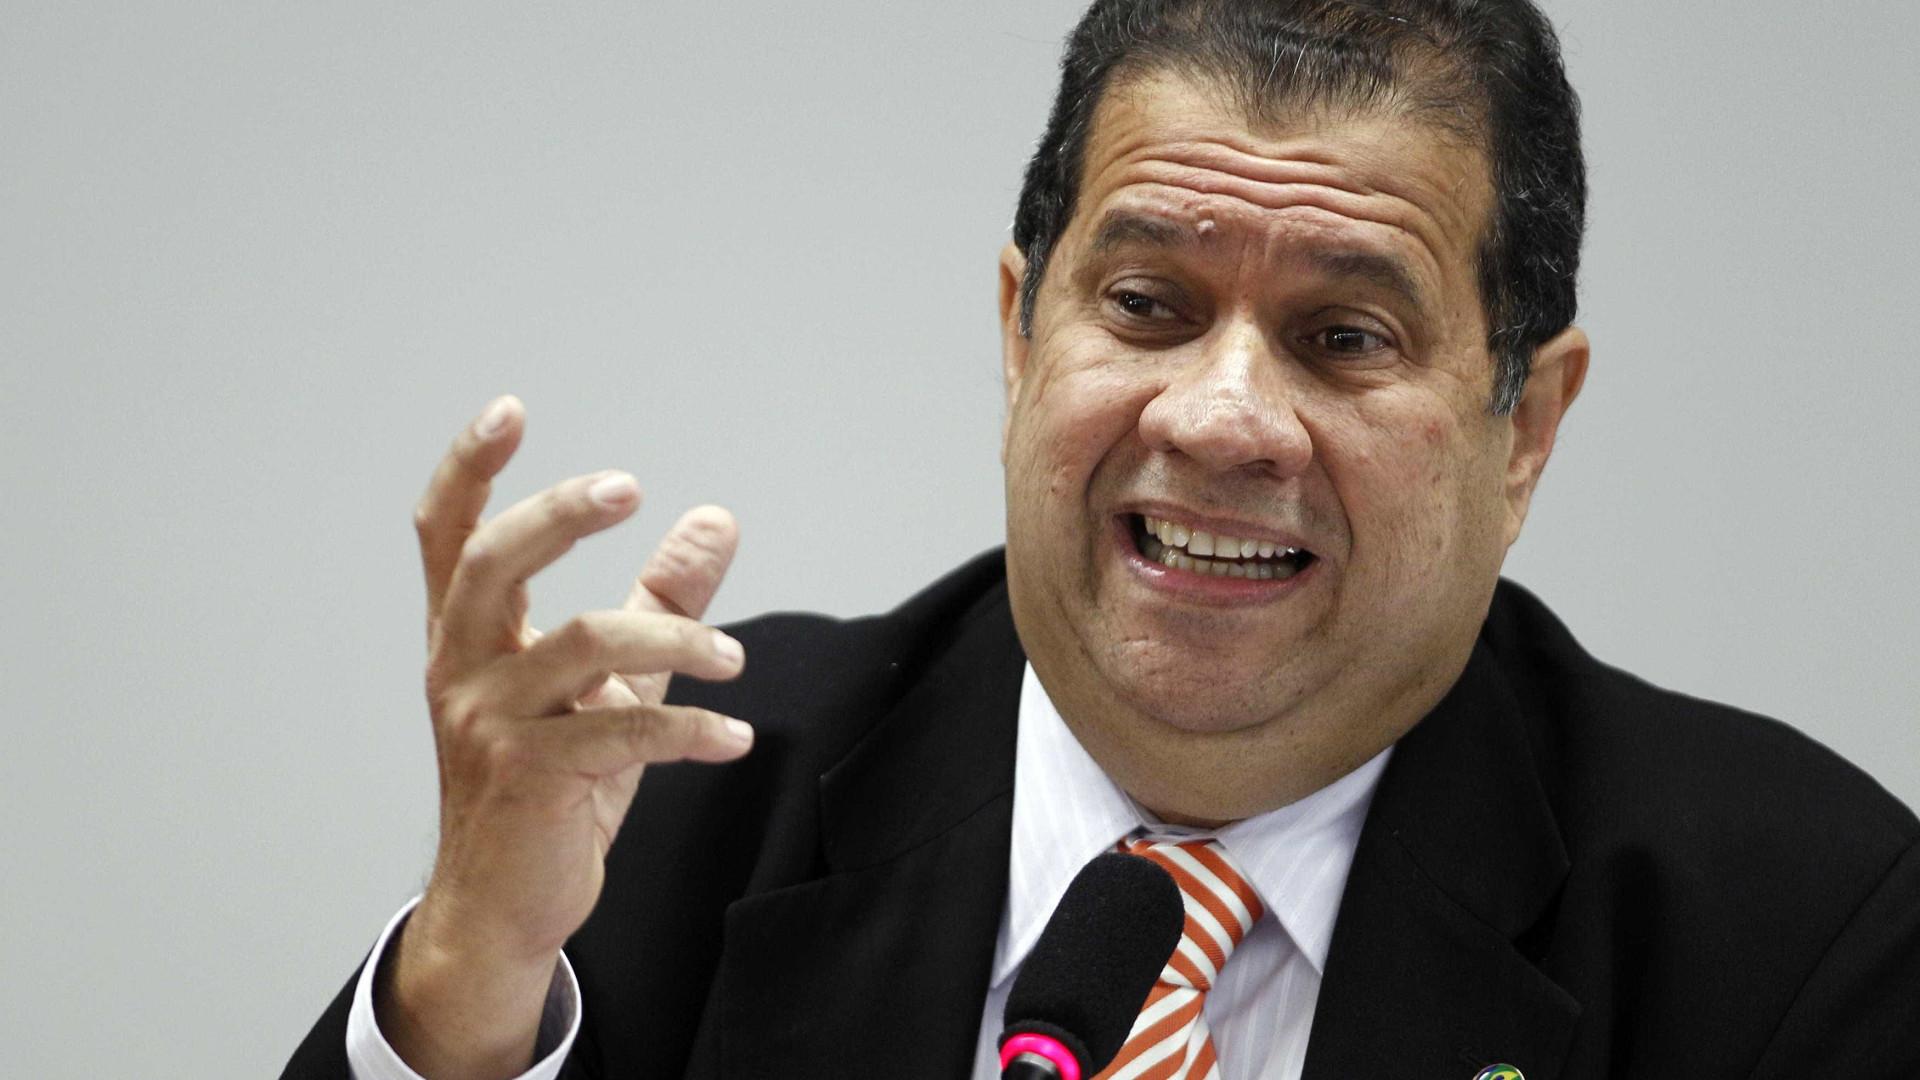 'Desabafo de Cid é sentimento majoritário no partido', diz Carlos Lupi